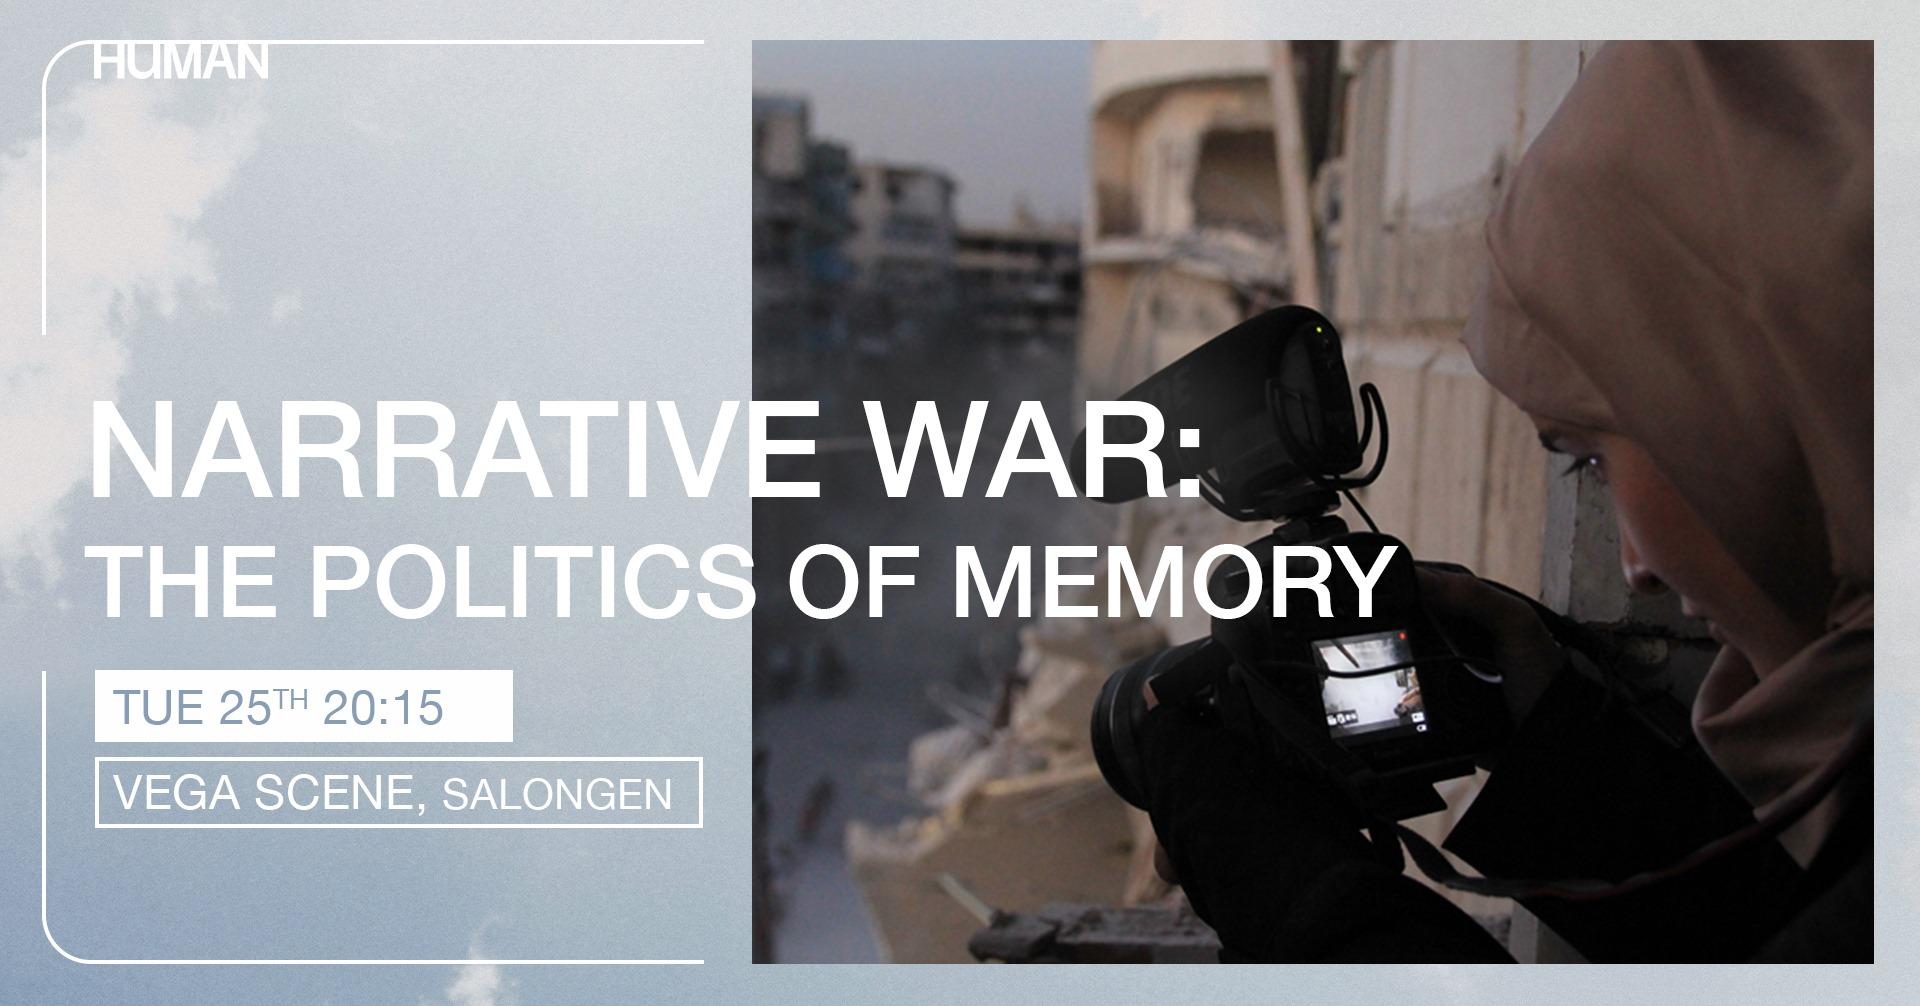 Narrative-wars-HUMAN